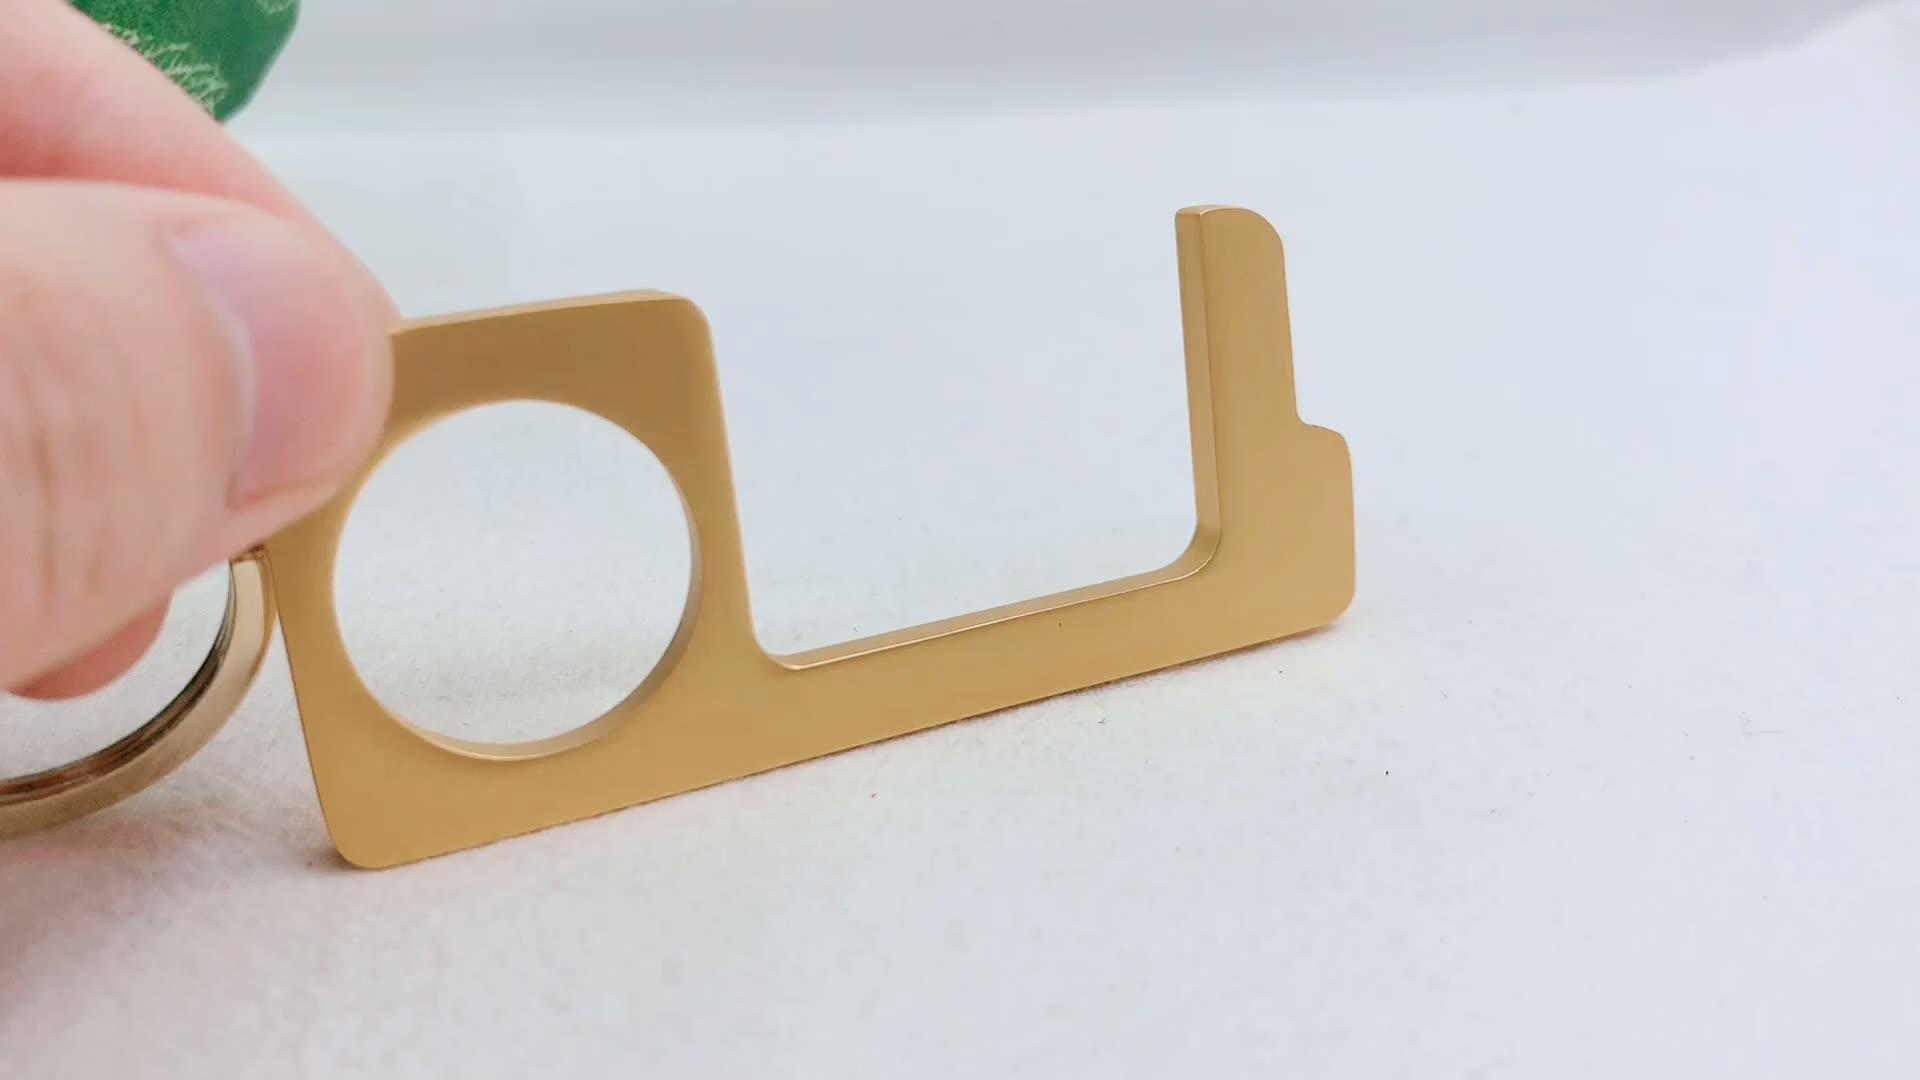 Hot sale wholesale custom metal copper clean no touch door opener key chain